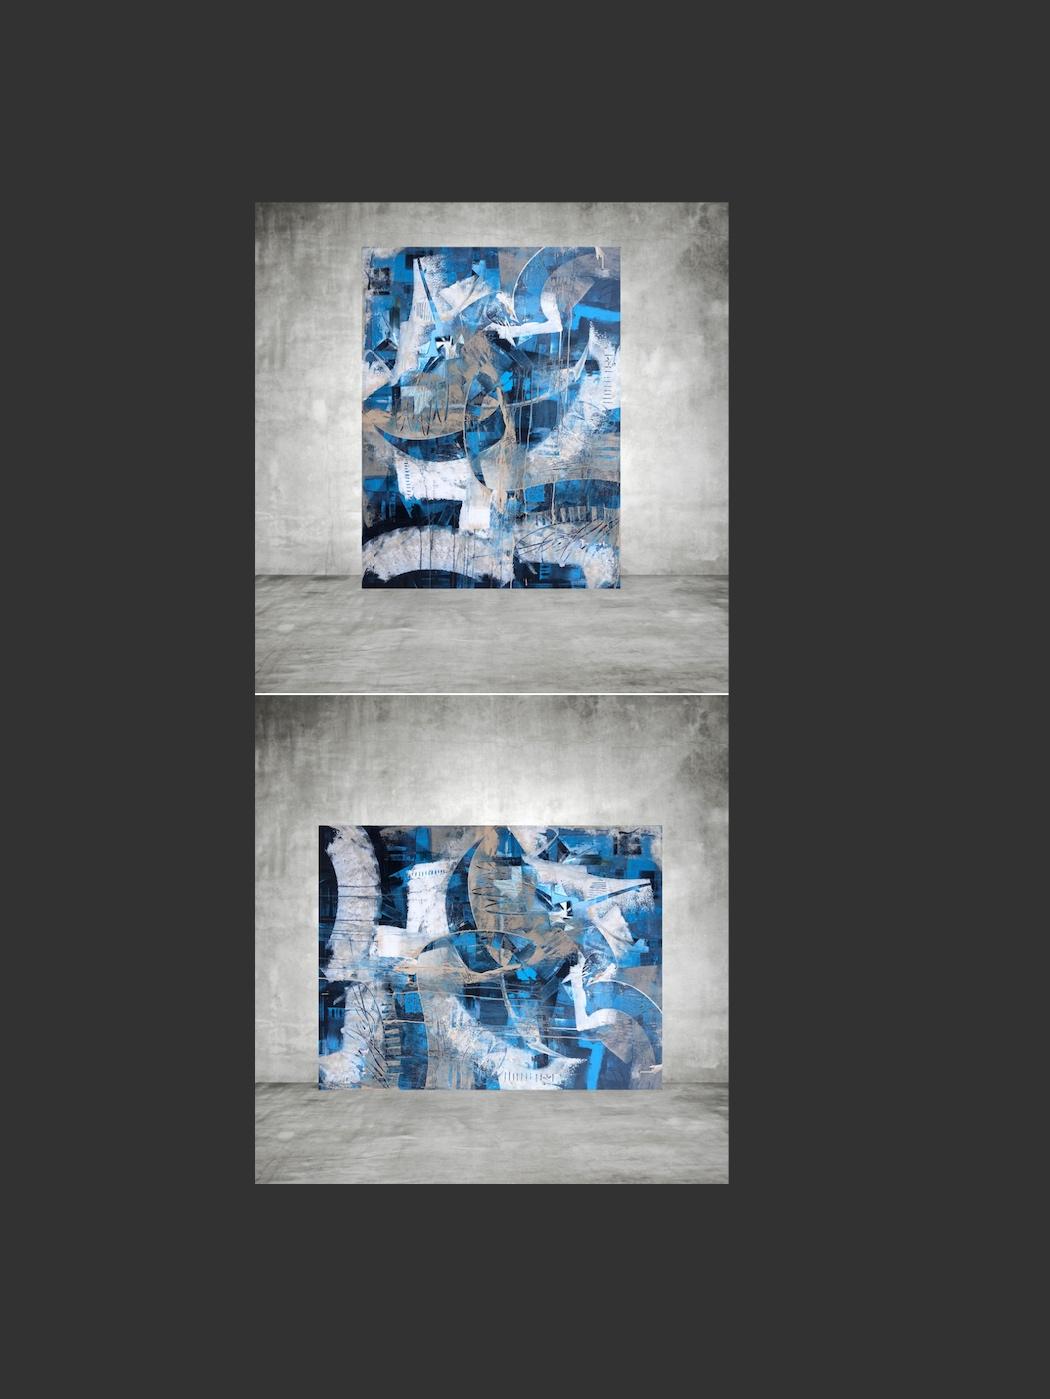 SOLD AT ART Santa Fe - Sold on night 1 of Art Santa Fe 2019 - Contemporary Art Show